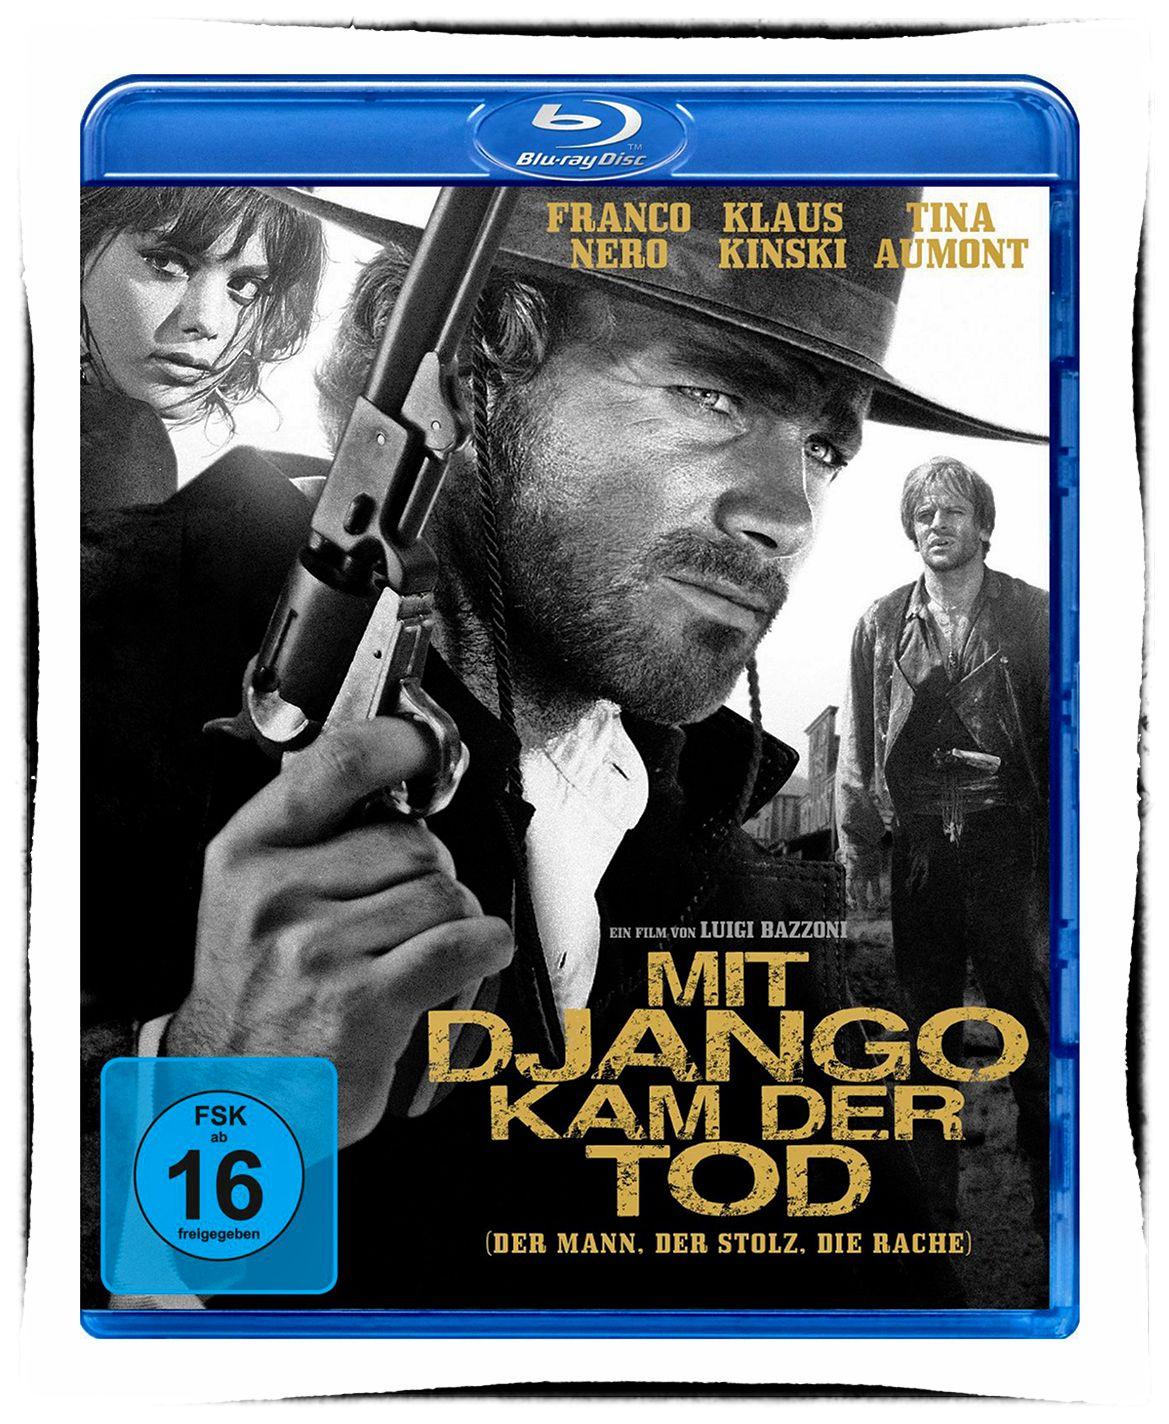 L'homme , l'orgueil et la vengeance . L'uomo, l'orgoglio, la vendetta . 1967 . Luigi Bazzoni . Django